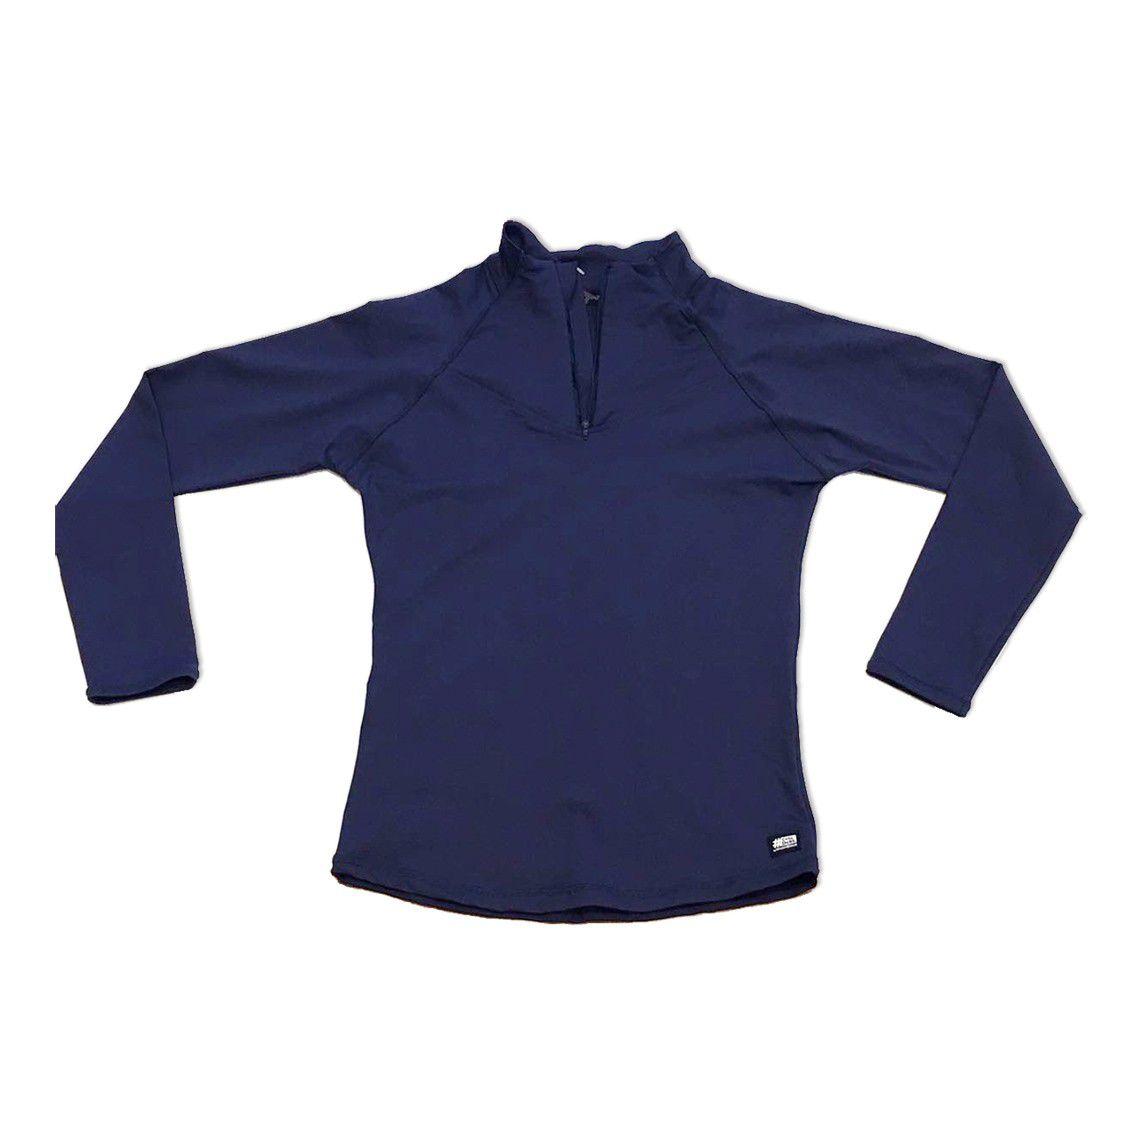 Blusão com bolso ziper nas costas marinho